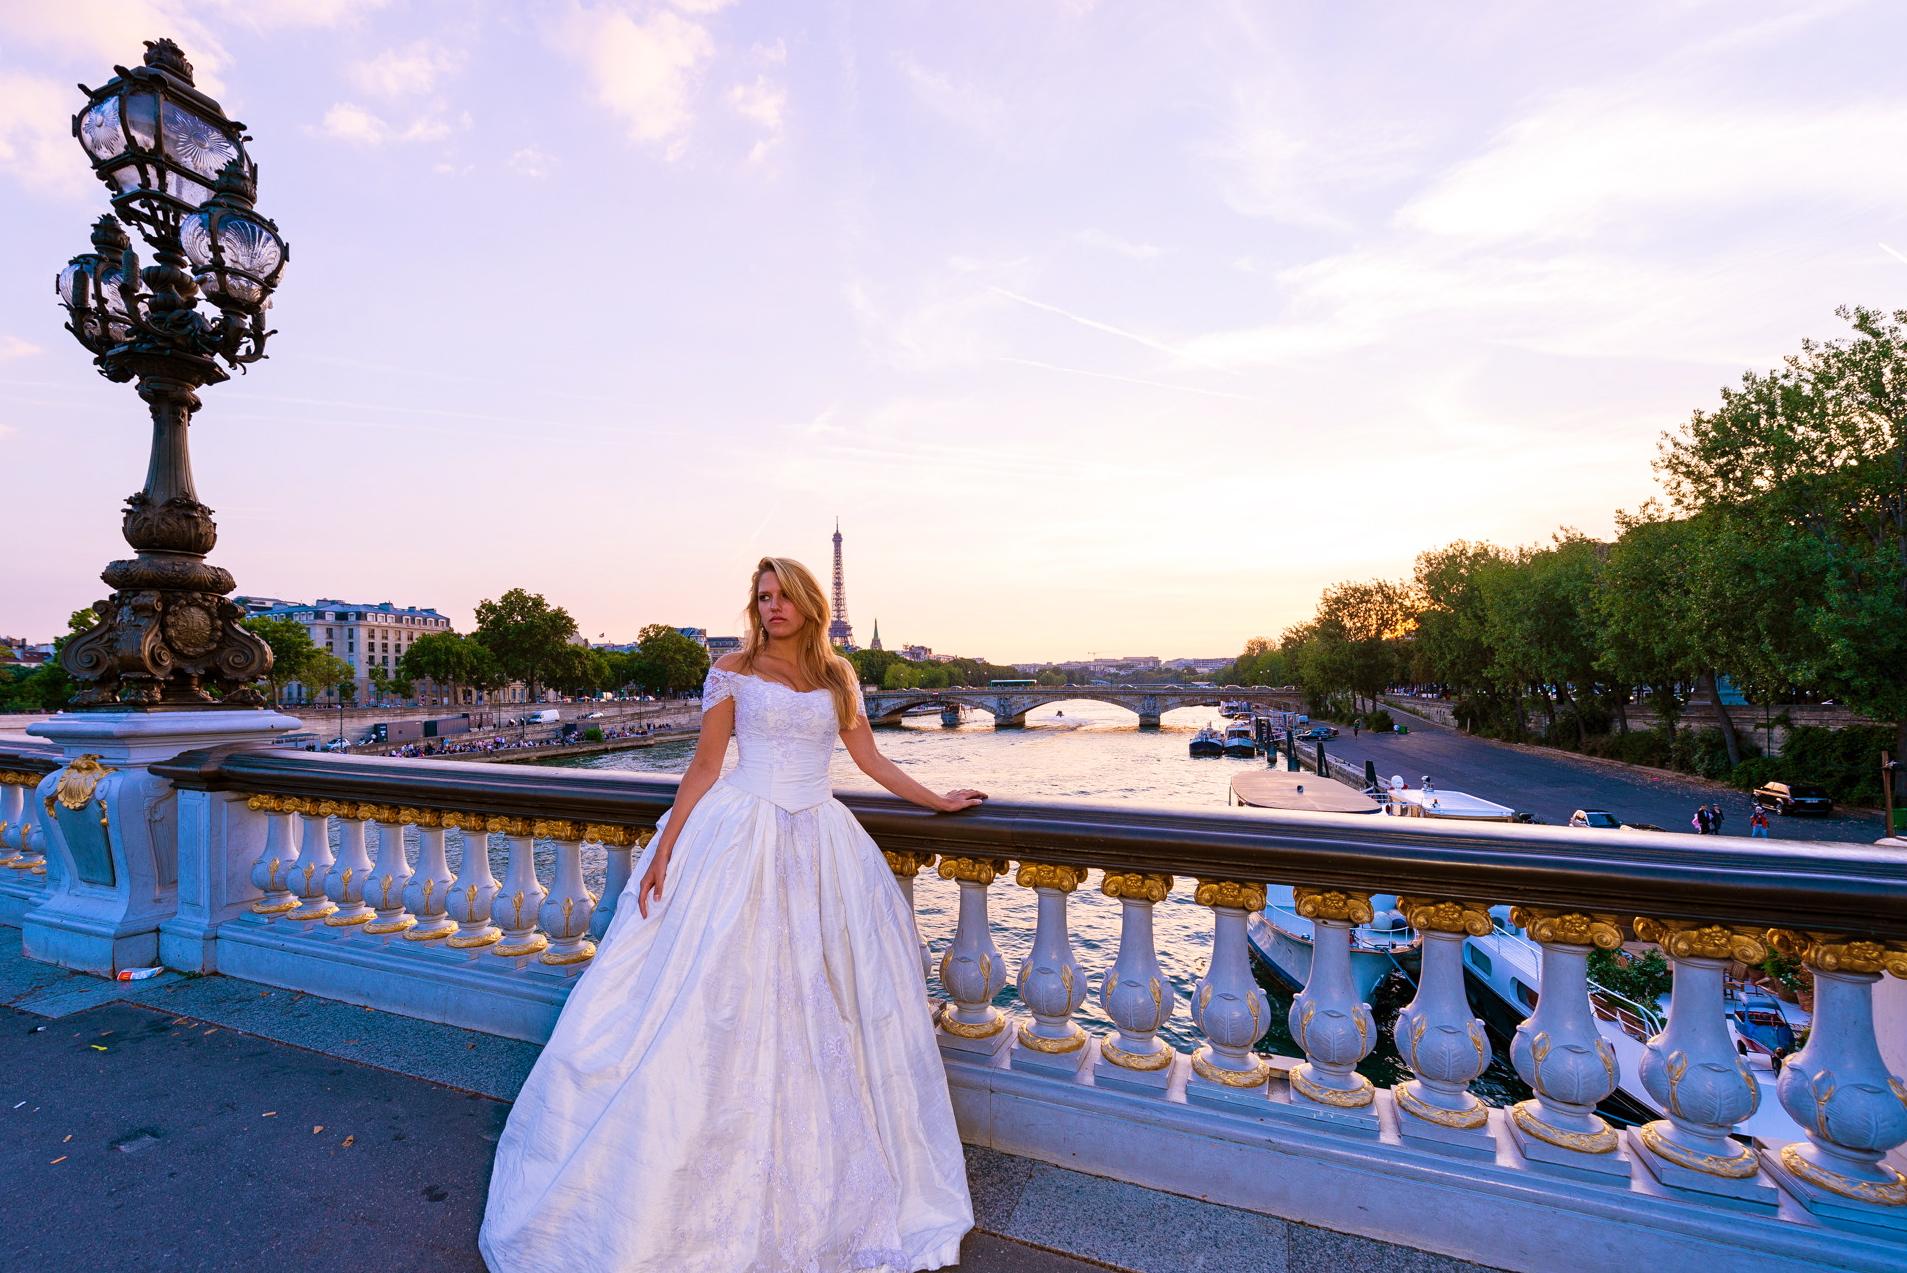 Robe de mariée Fantasja en soie et tulle brodé perlé. Crédit photo : J&T PHOTO PARIS